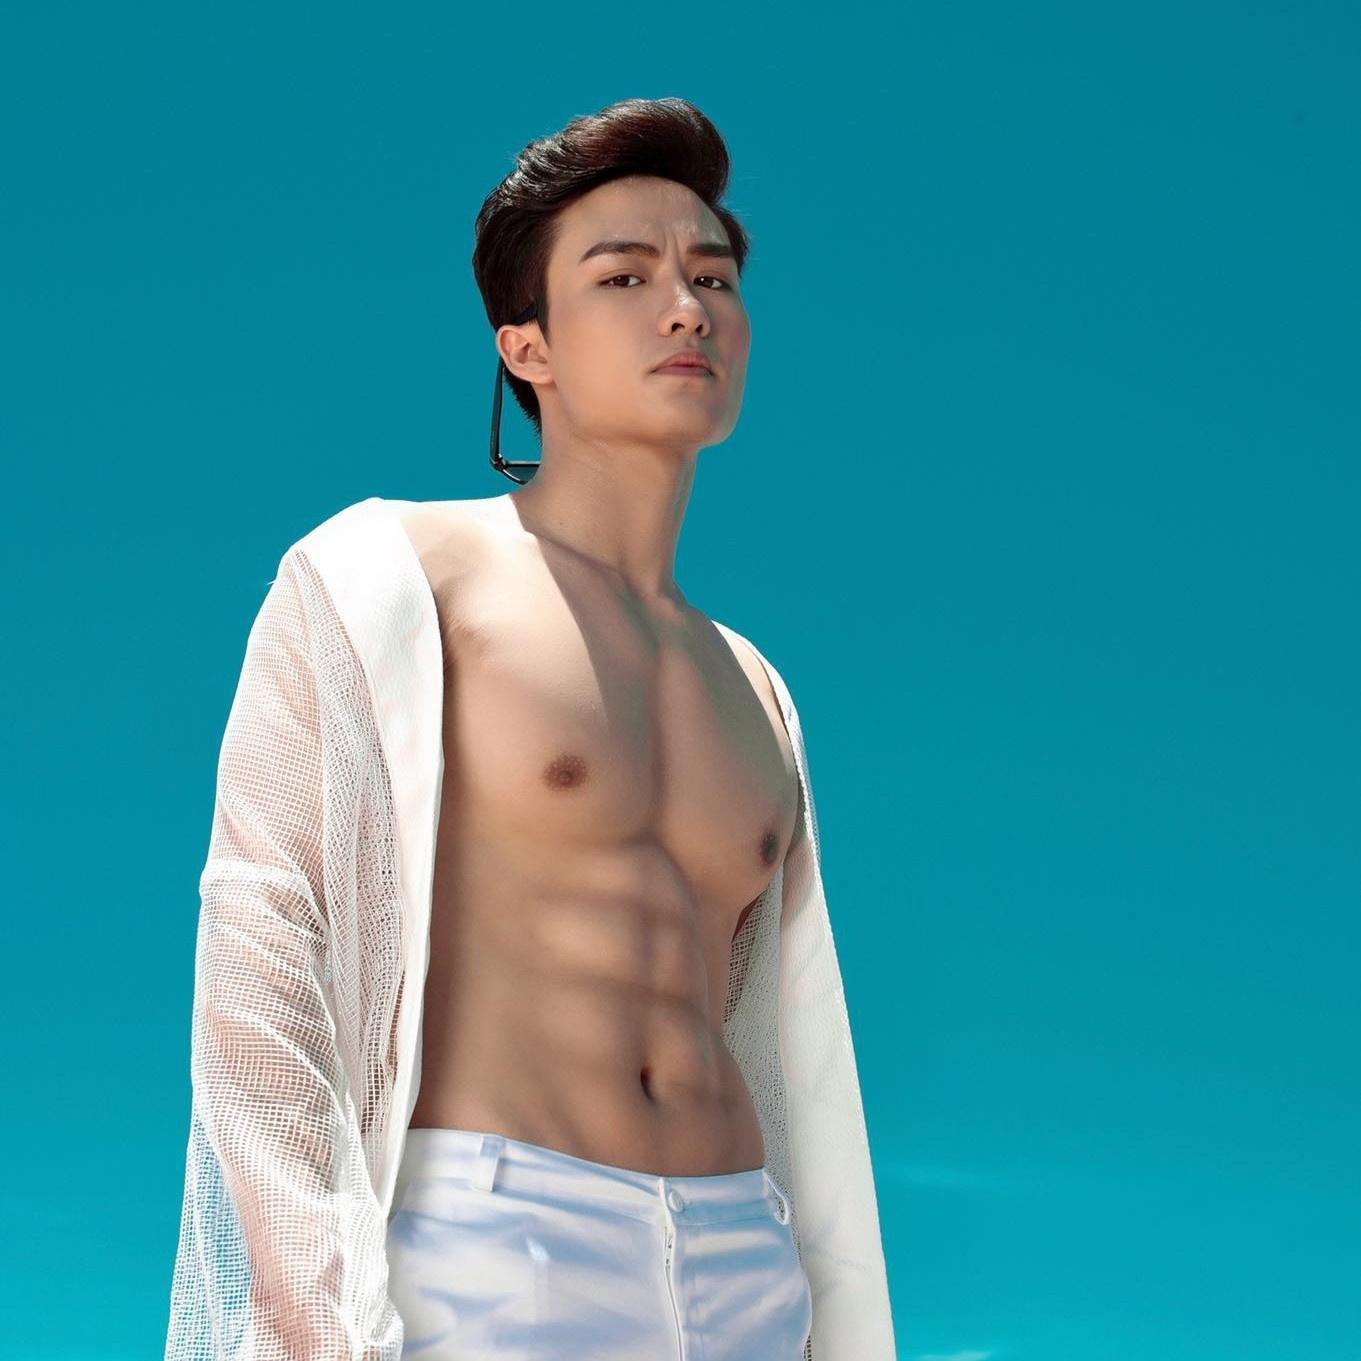 Người mẫu thể hình Việt giữ cơ bụng 6 múi thế nào trong mùa dịch?